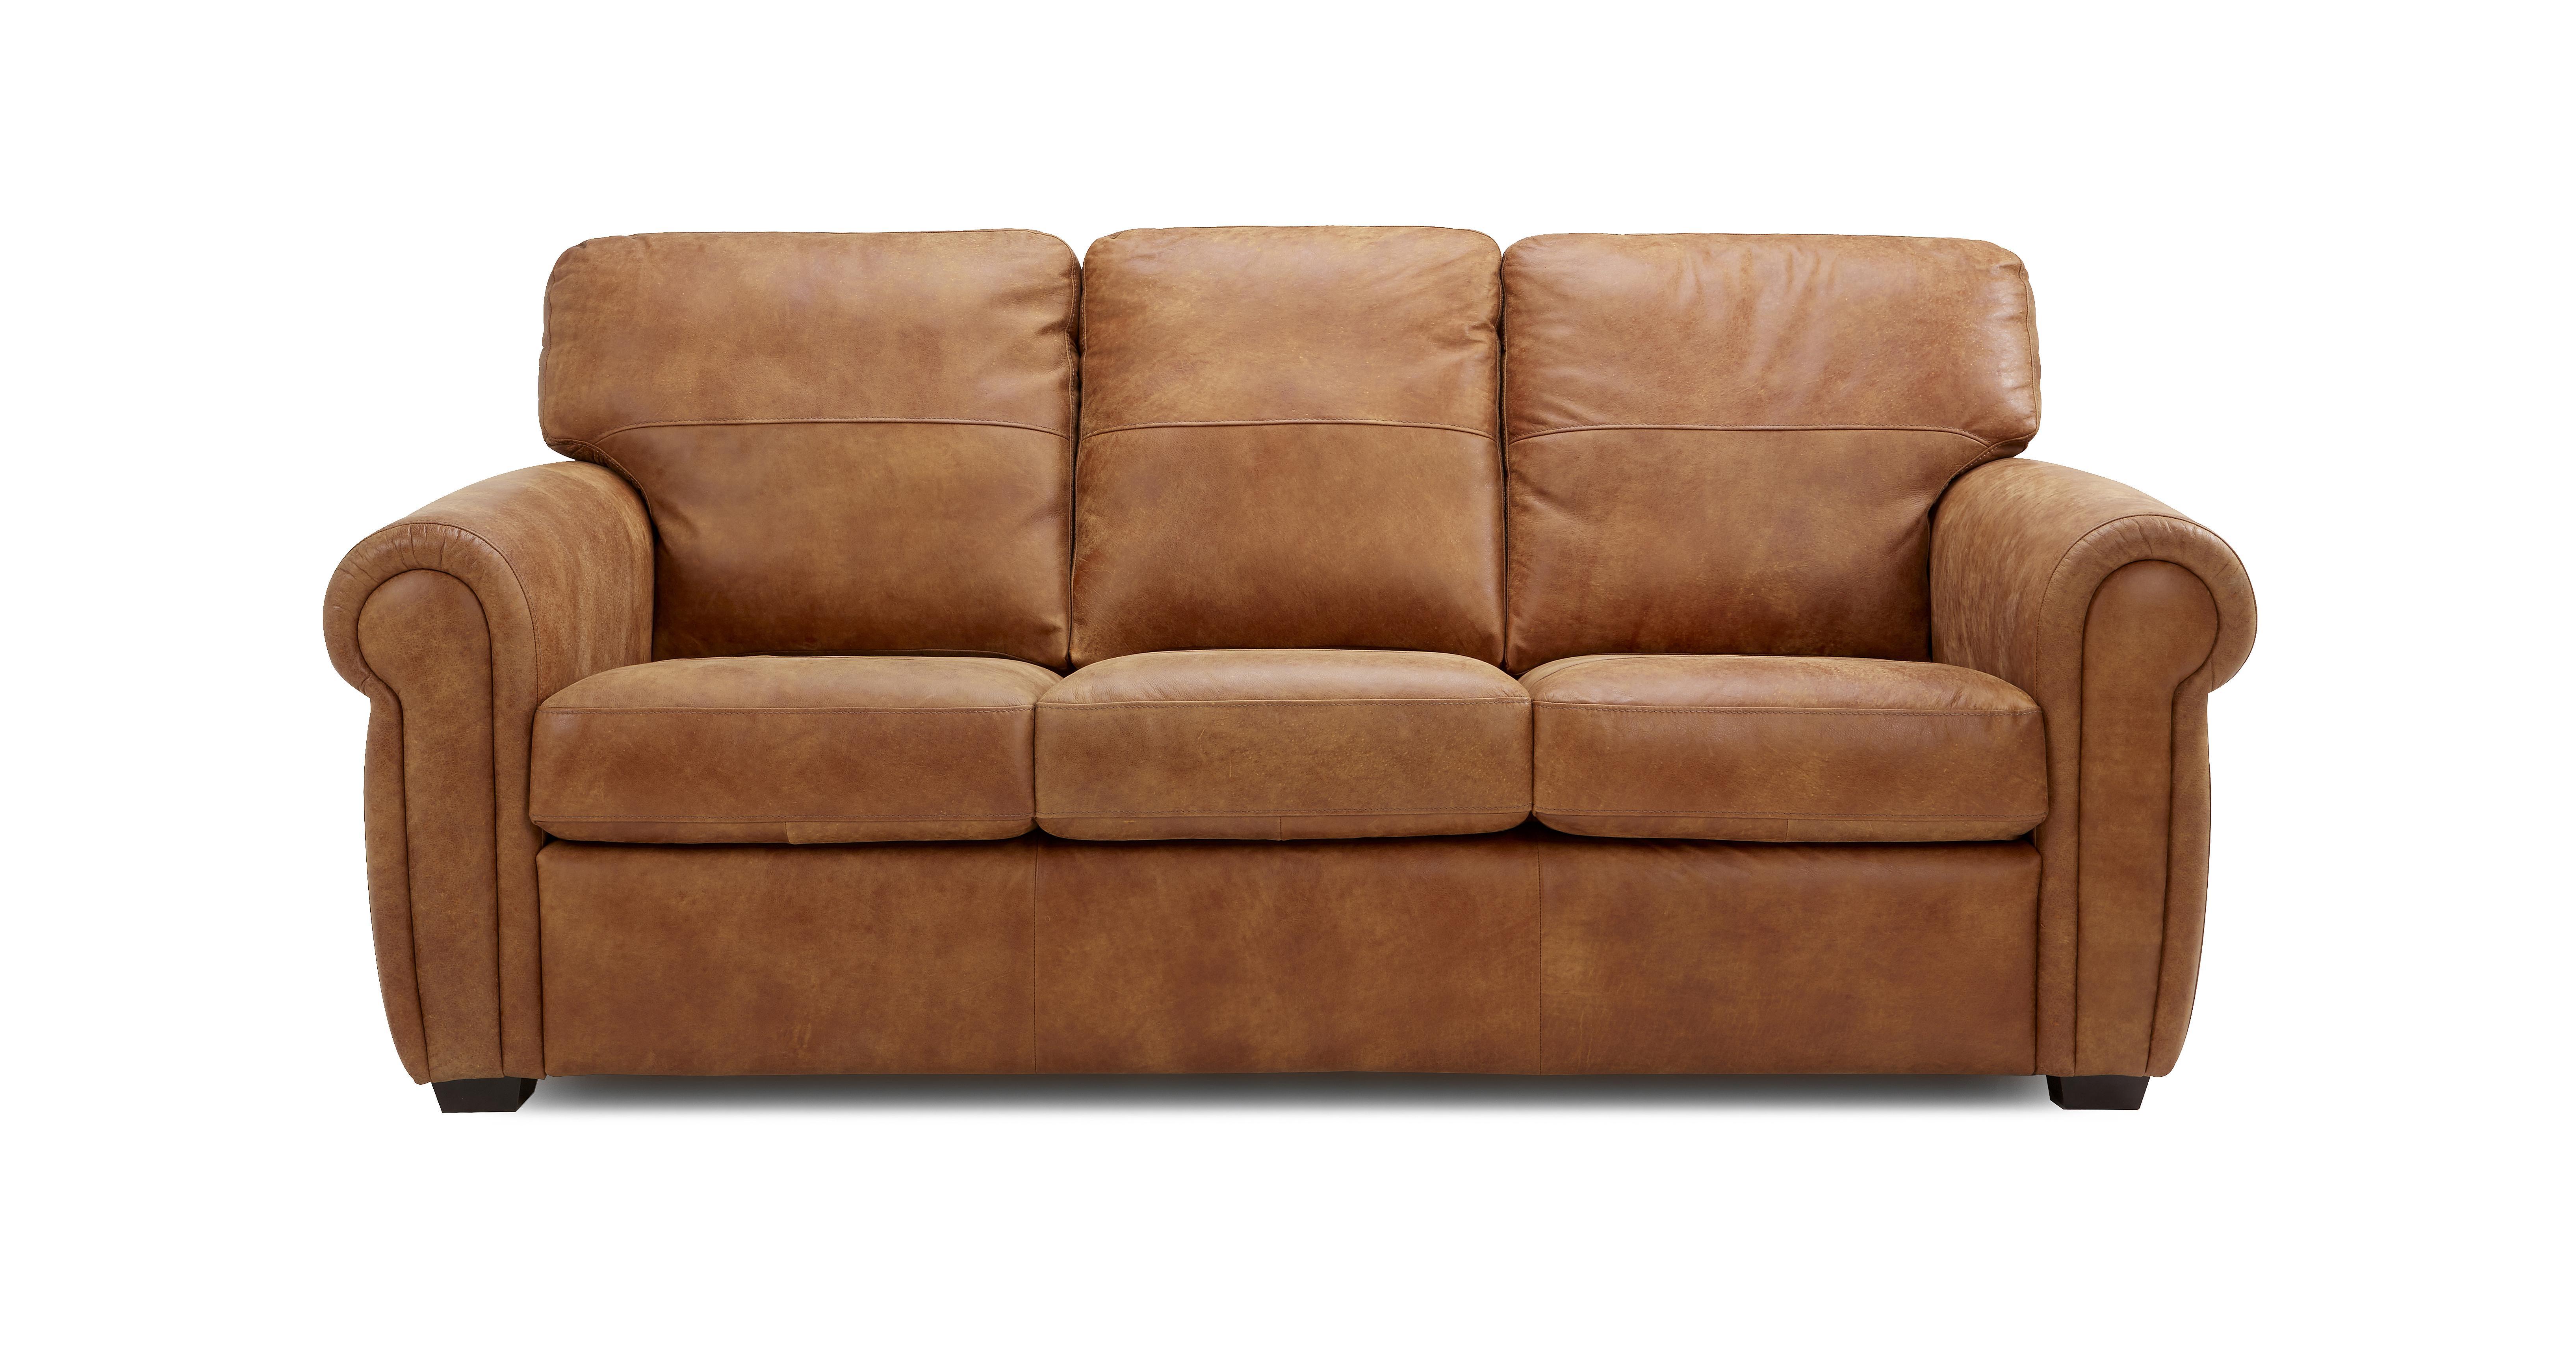 dfs brown leather sofas. Black Bedroom Furniture Sets. Home Design Ideas